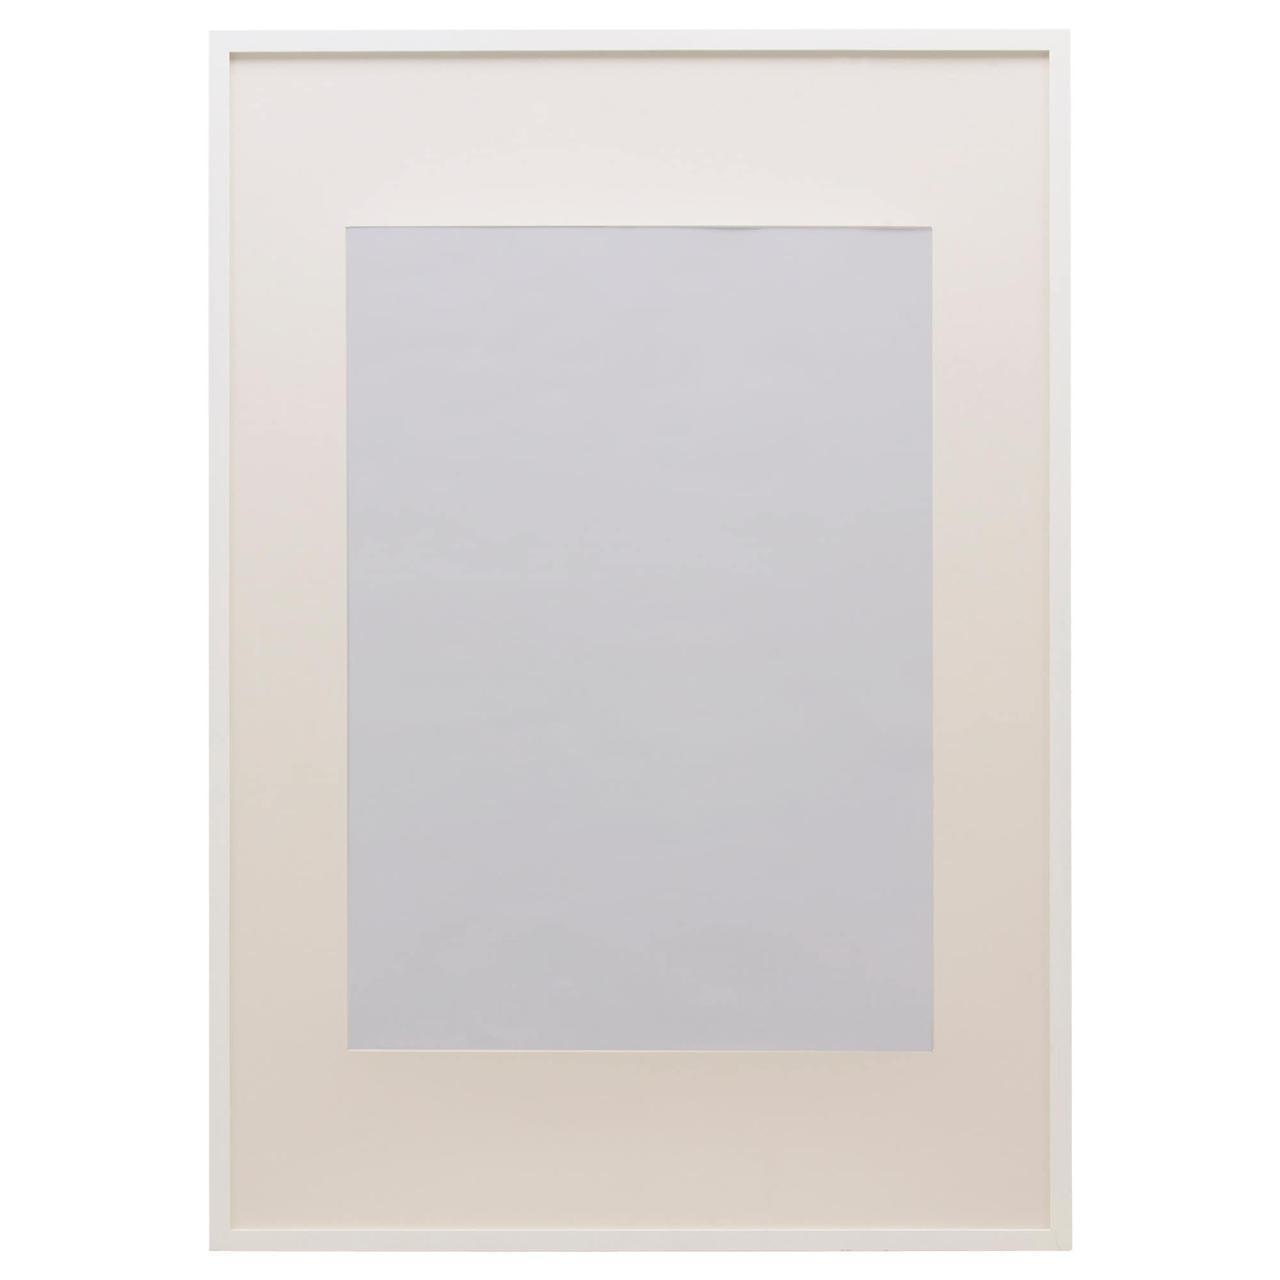 IKEA RIBBA (002.688.76) Рамка, білий 50x70 см